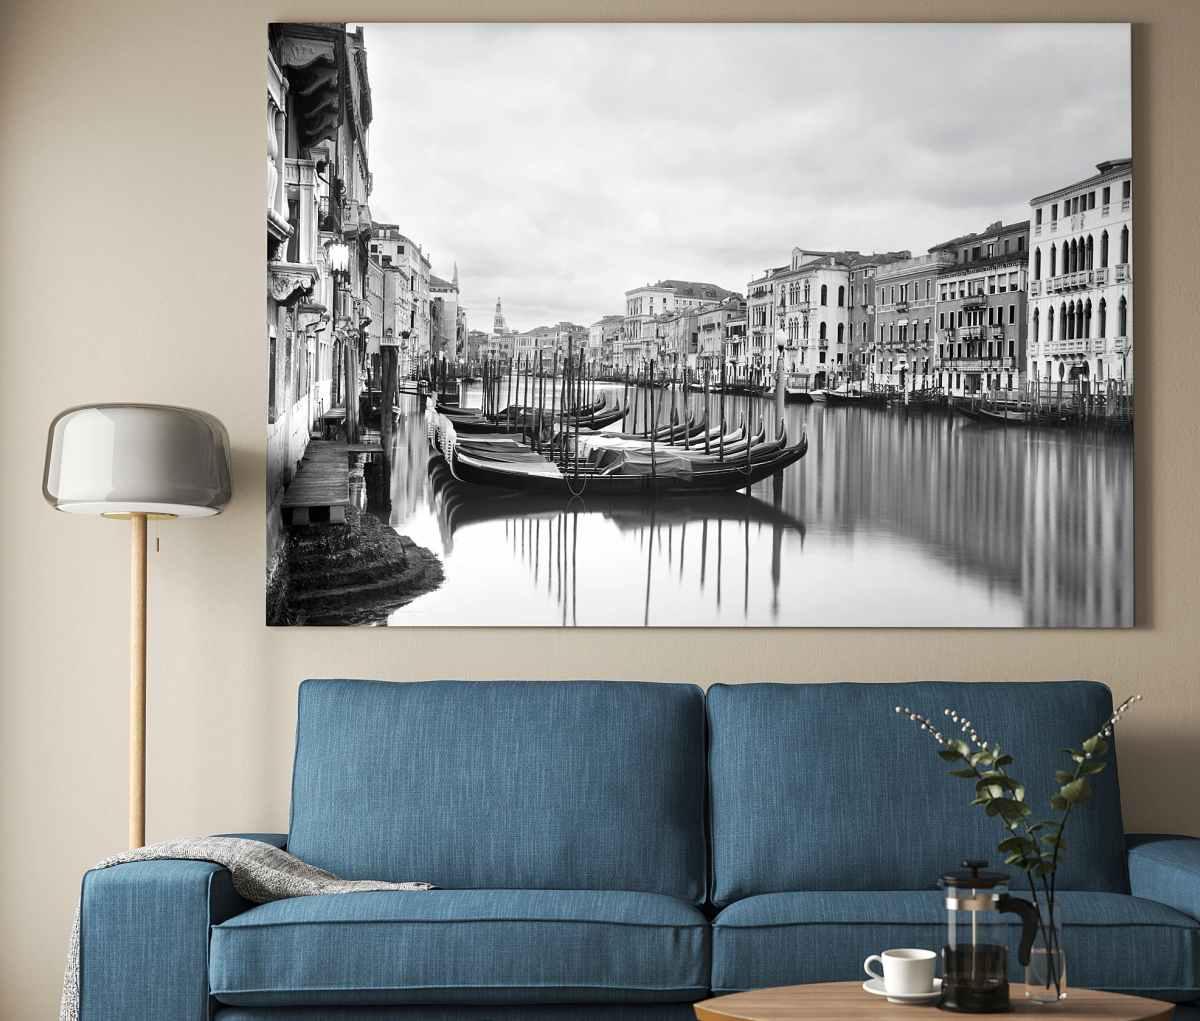 quadro-stampa-su-tela-ikea-venezia-bianco-e-nero